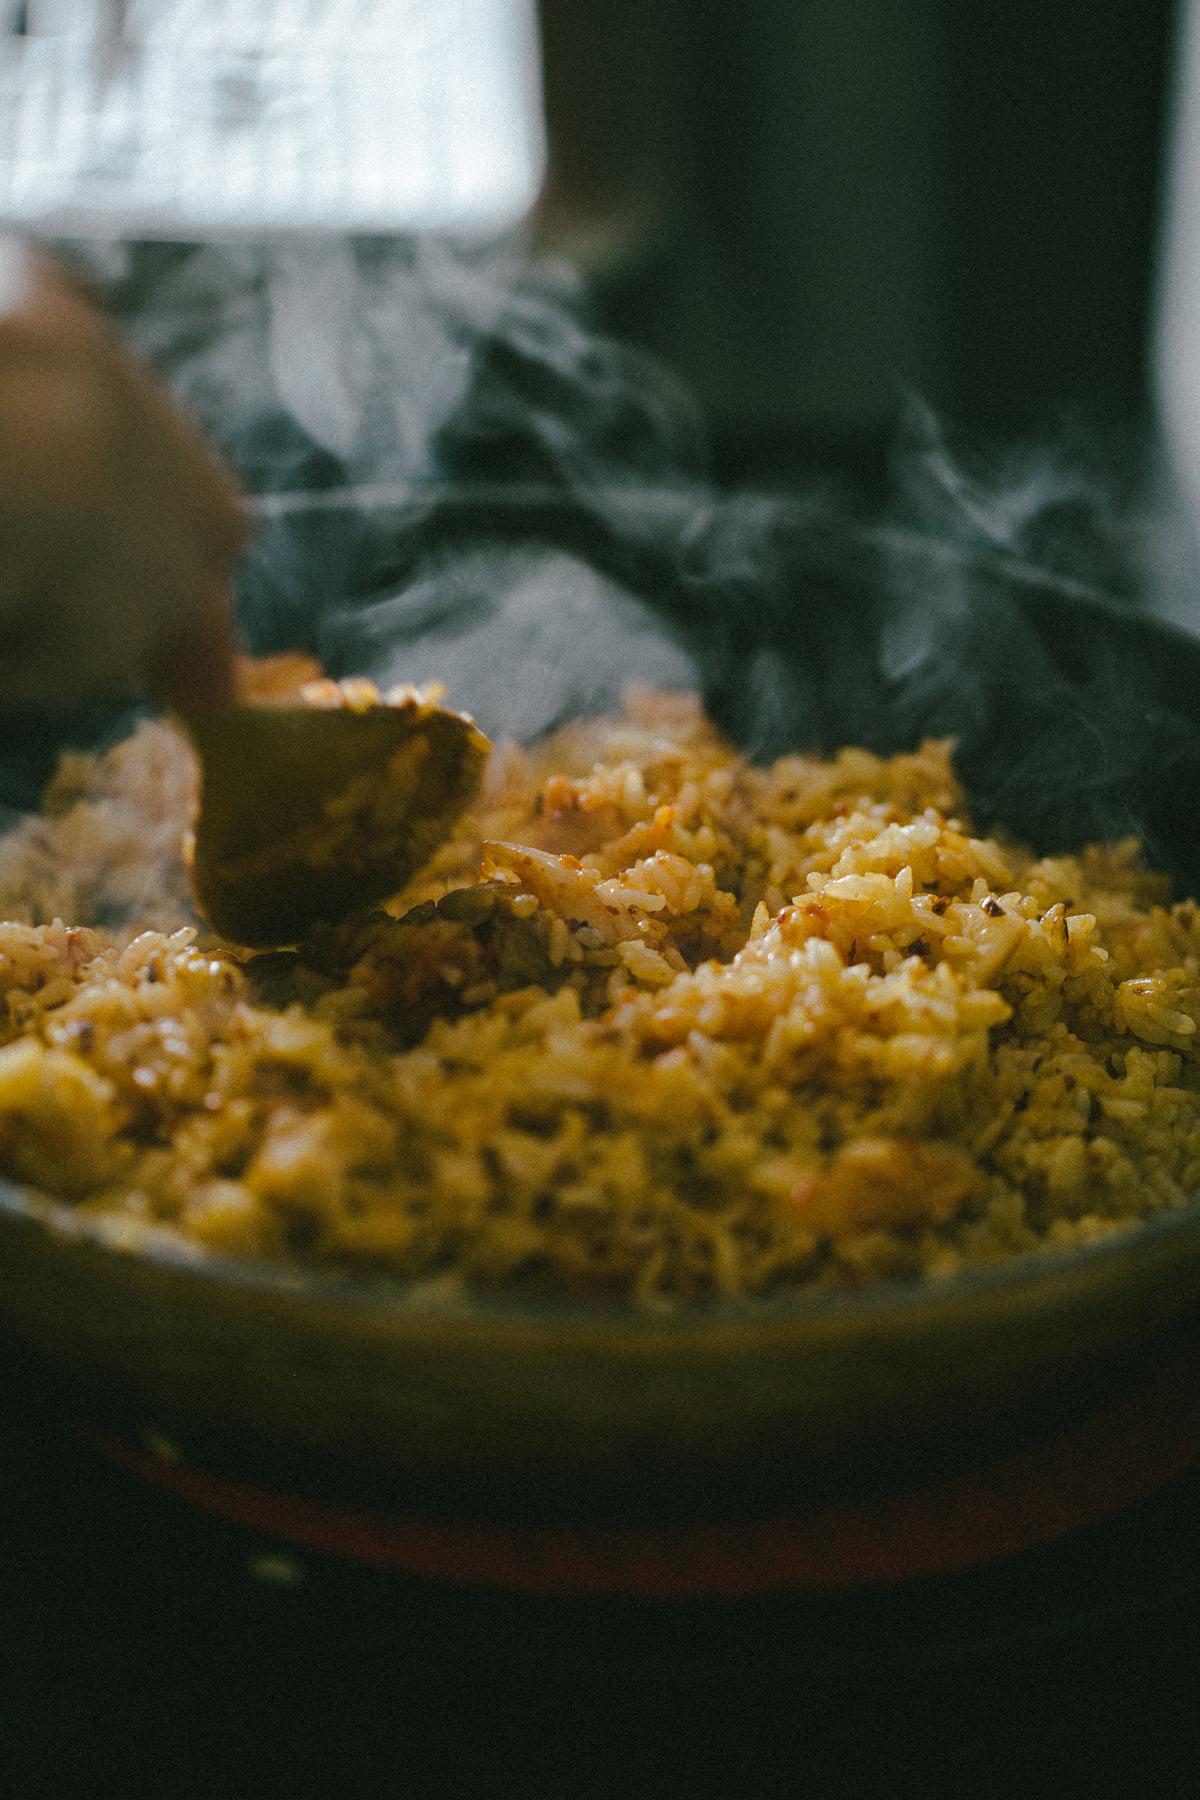 Fan mê mẩn ẩm thực Hàn Quốc thì phải ghé qua, làm và thưởng thức cơm rang kim chi nhanh thôi - Ảnh 2